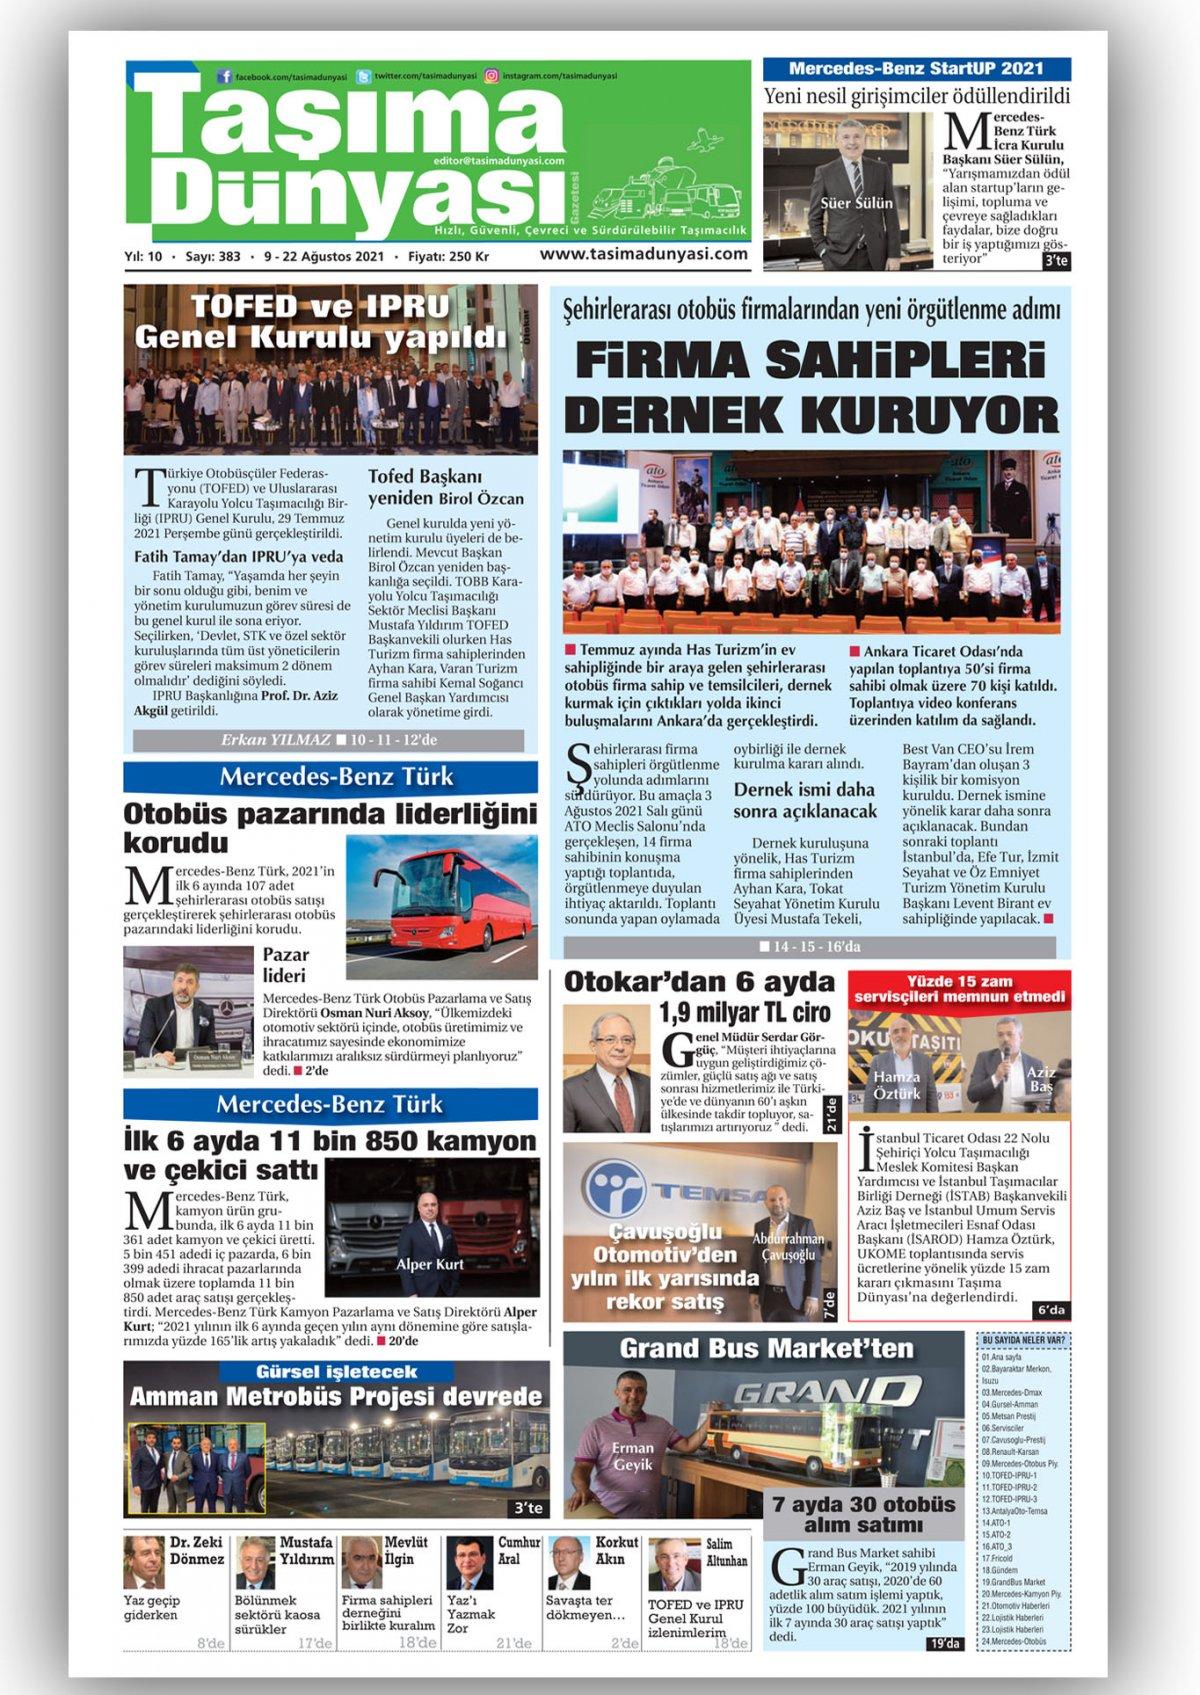 Taşıma Dünyası Gazetesi - 09.08.2021 Manşeti